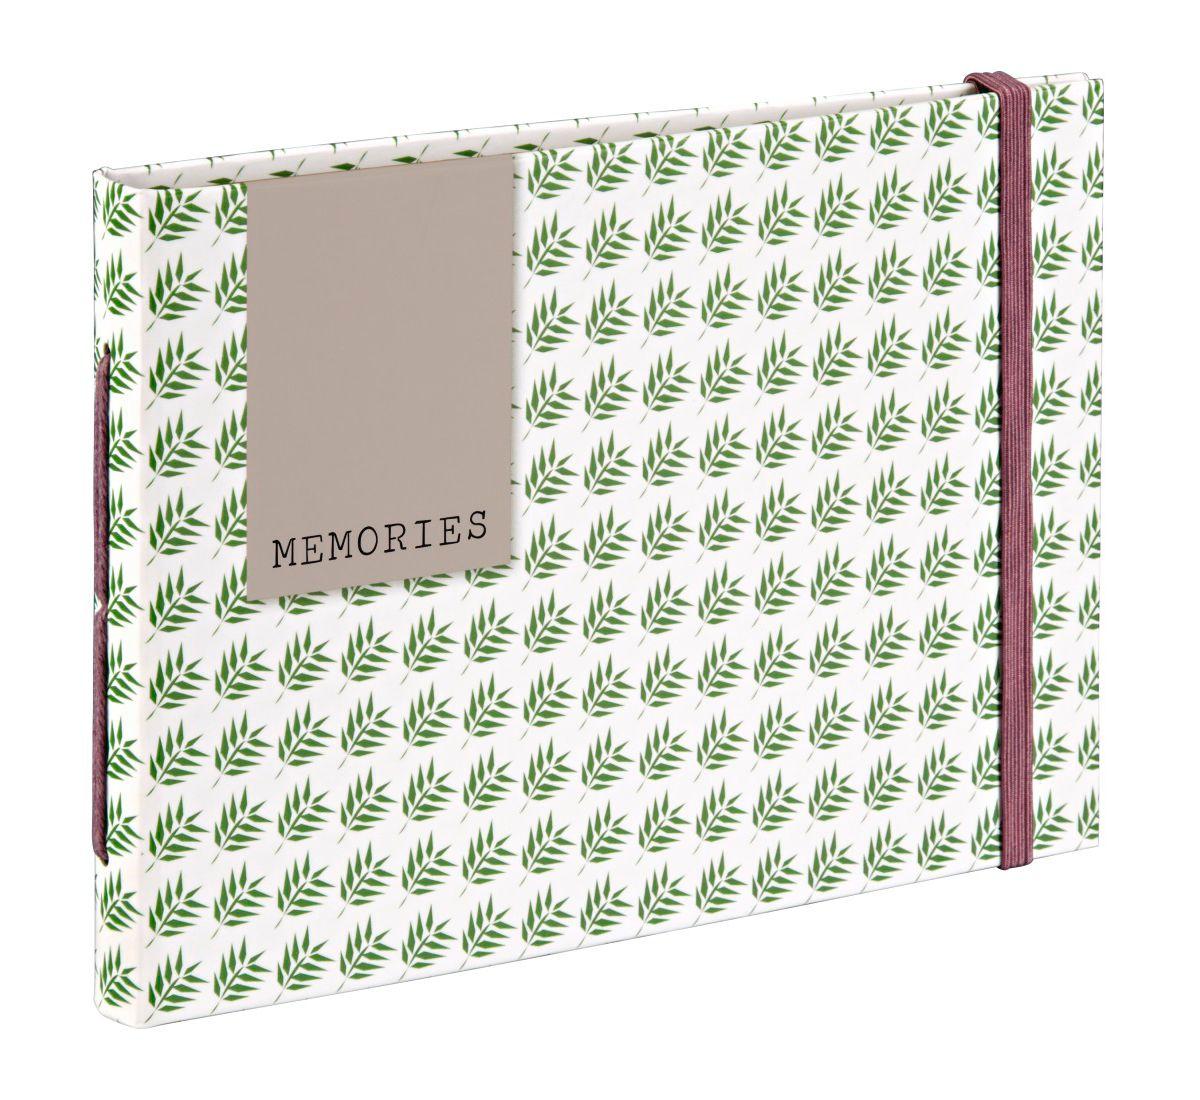 Hama Buchalbum Fern, 18x13 cm, 20 braune Seiten